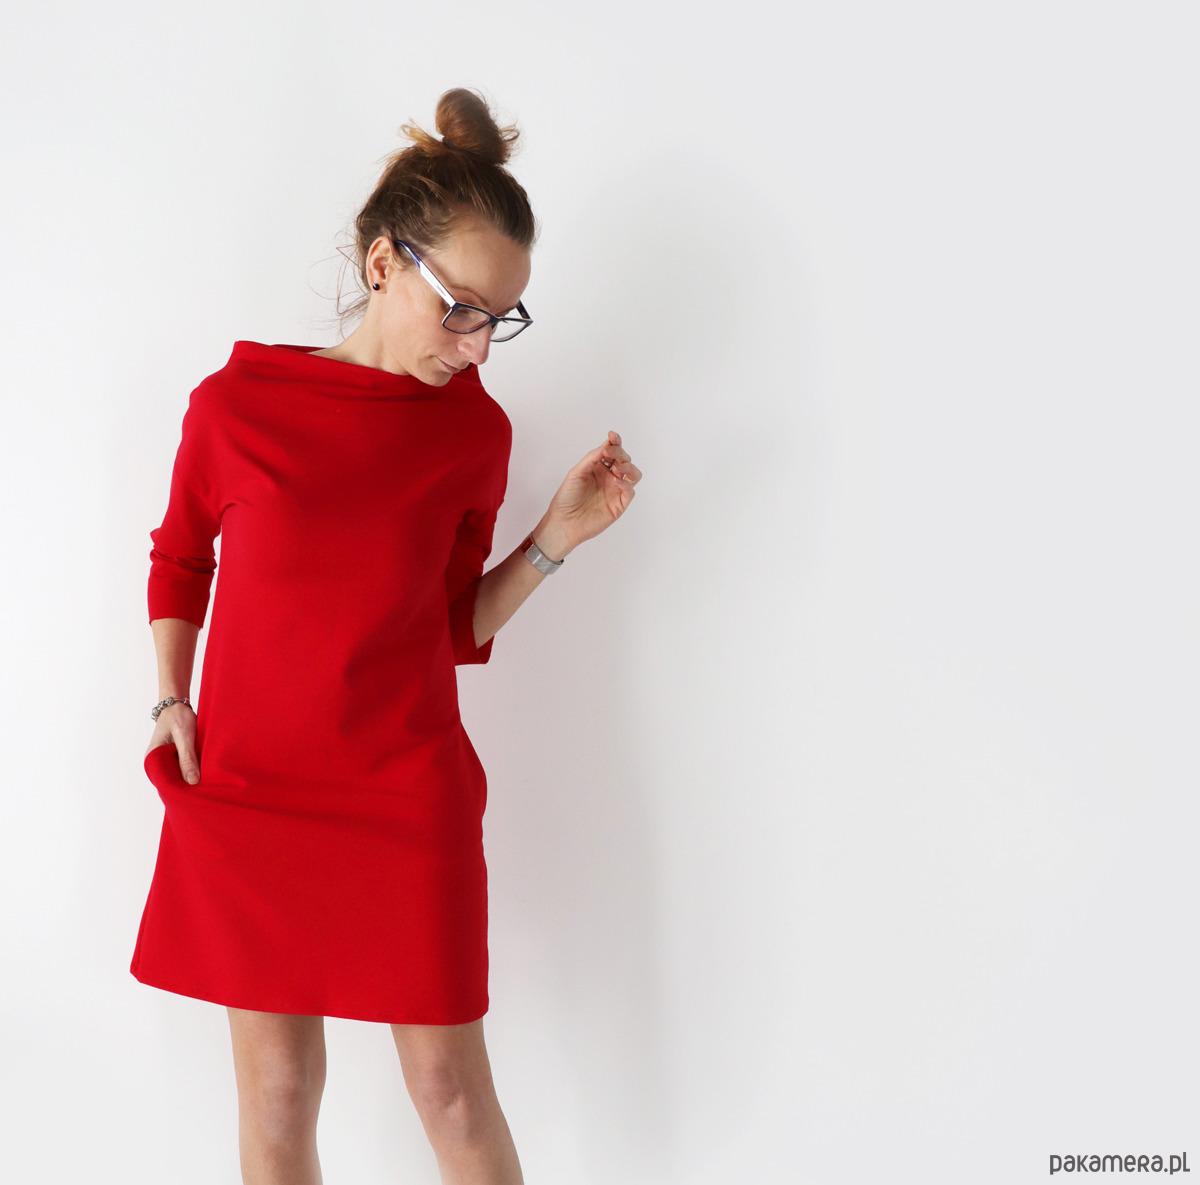 Czerwona N°25 - kolory